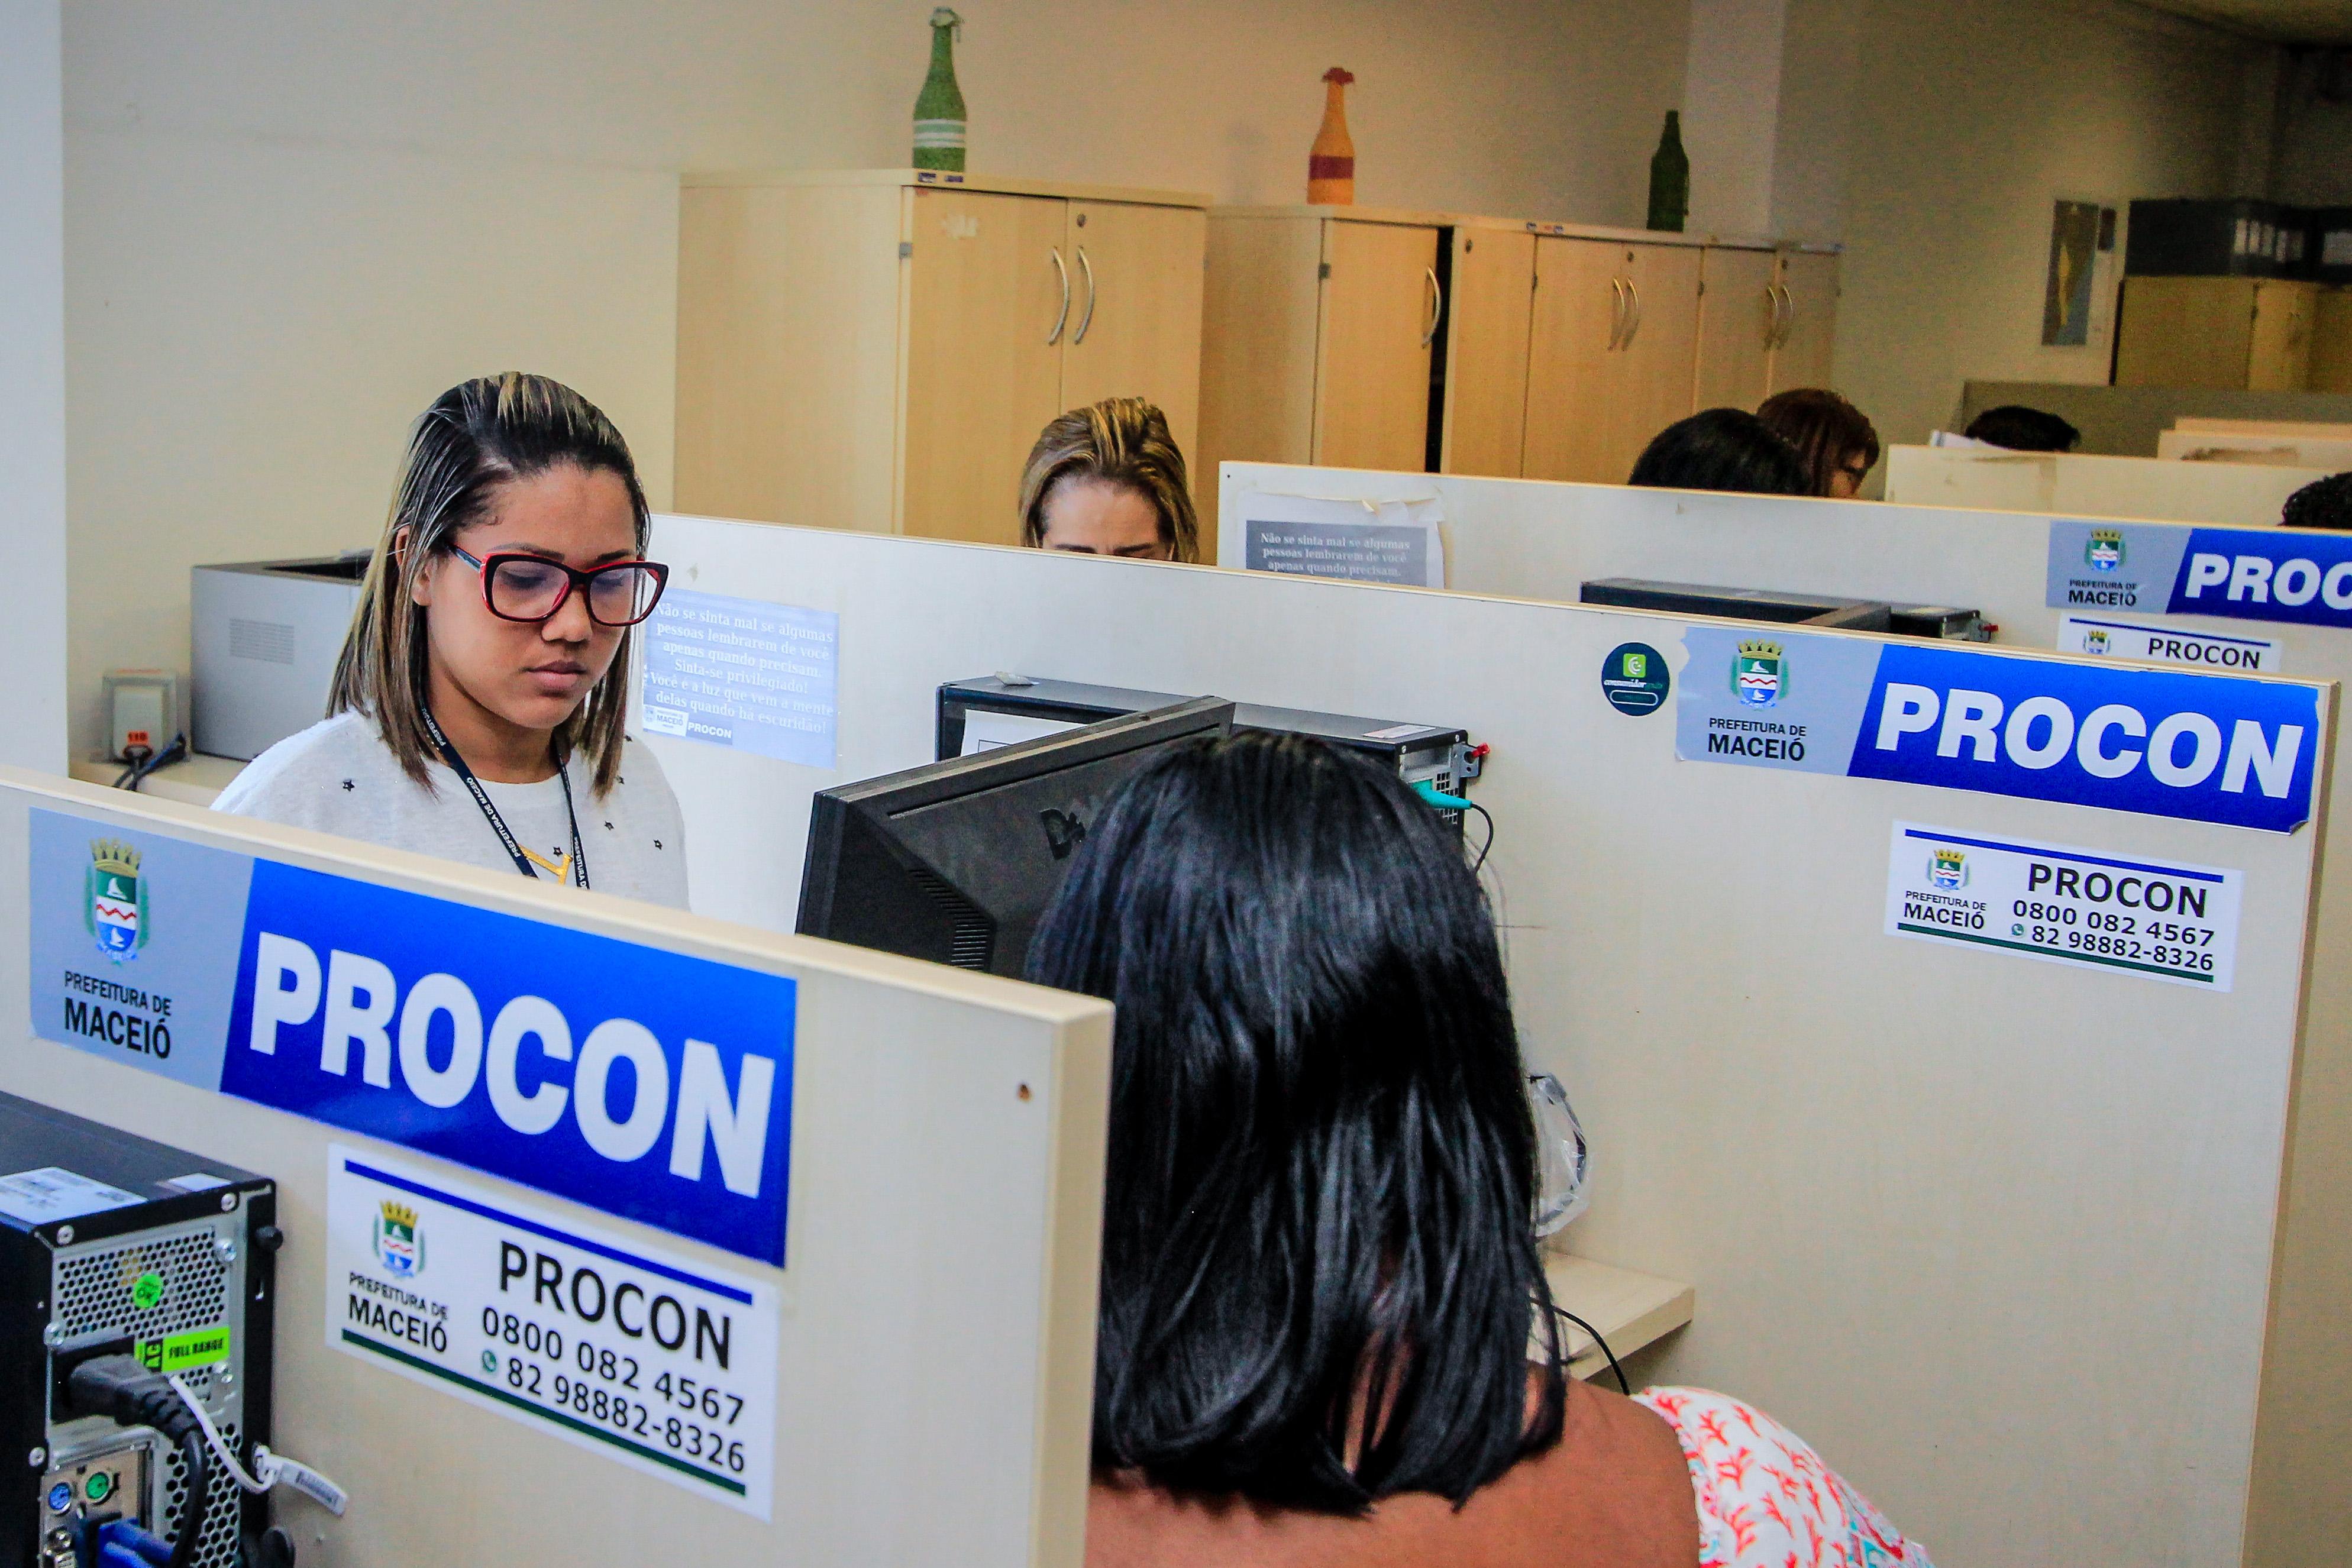 Oito mil atendimentos são registrados pelo Procon Maceió